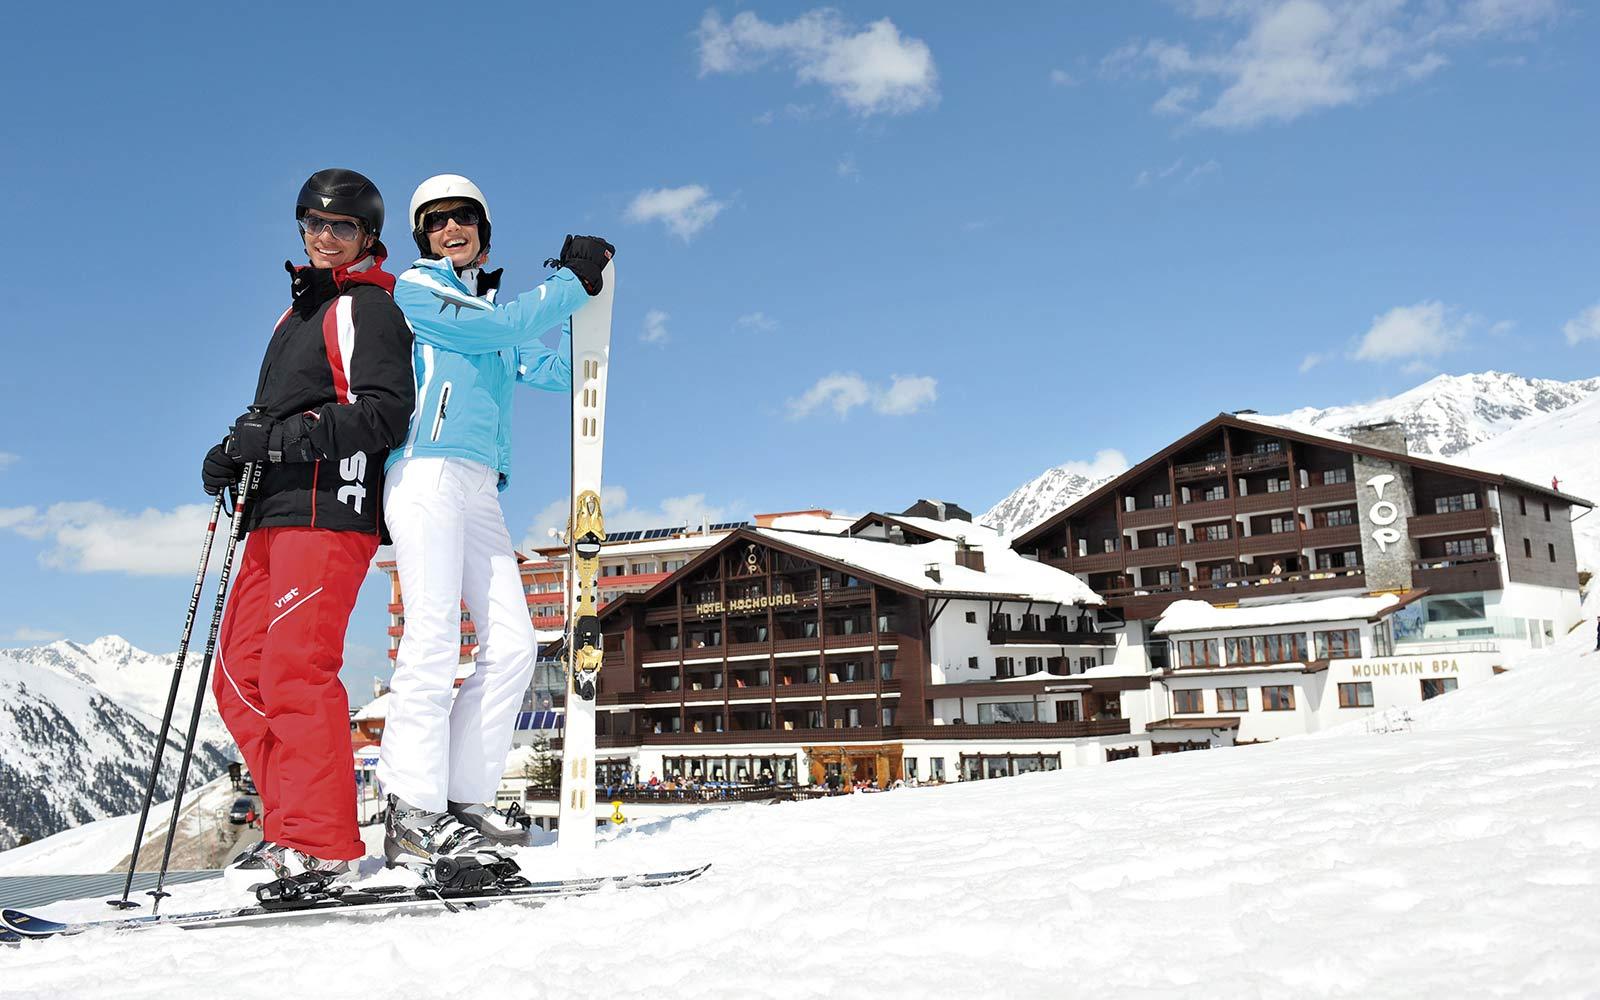 5 Sterne Superior Skihotel TOP Hotel Hochgurgl Tirol Austria - Niche Destinations